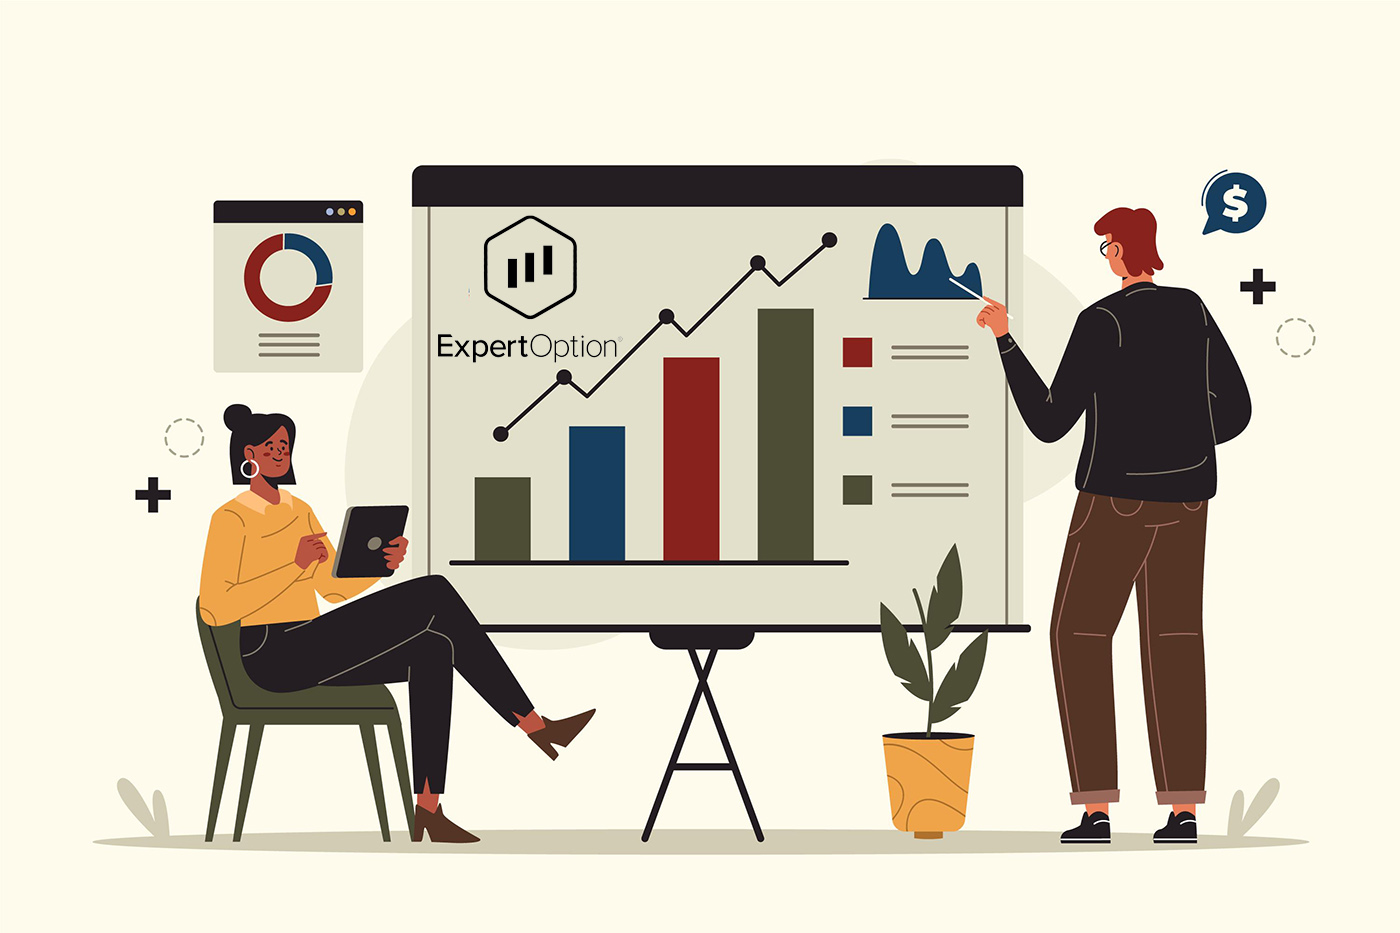 ExpertOption पर द्विआधारी विकल्प जमा और व्यापार कैसे करें